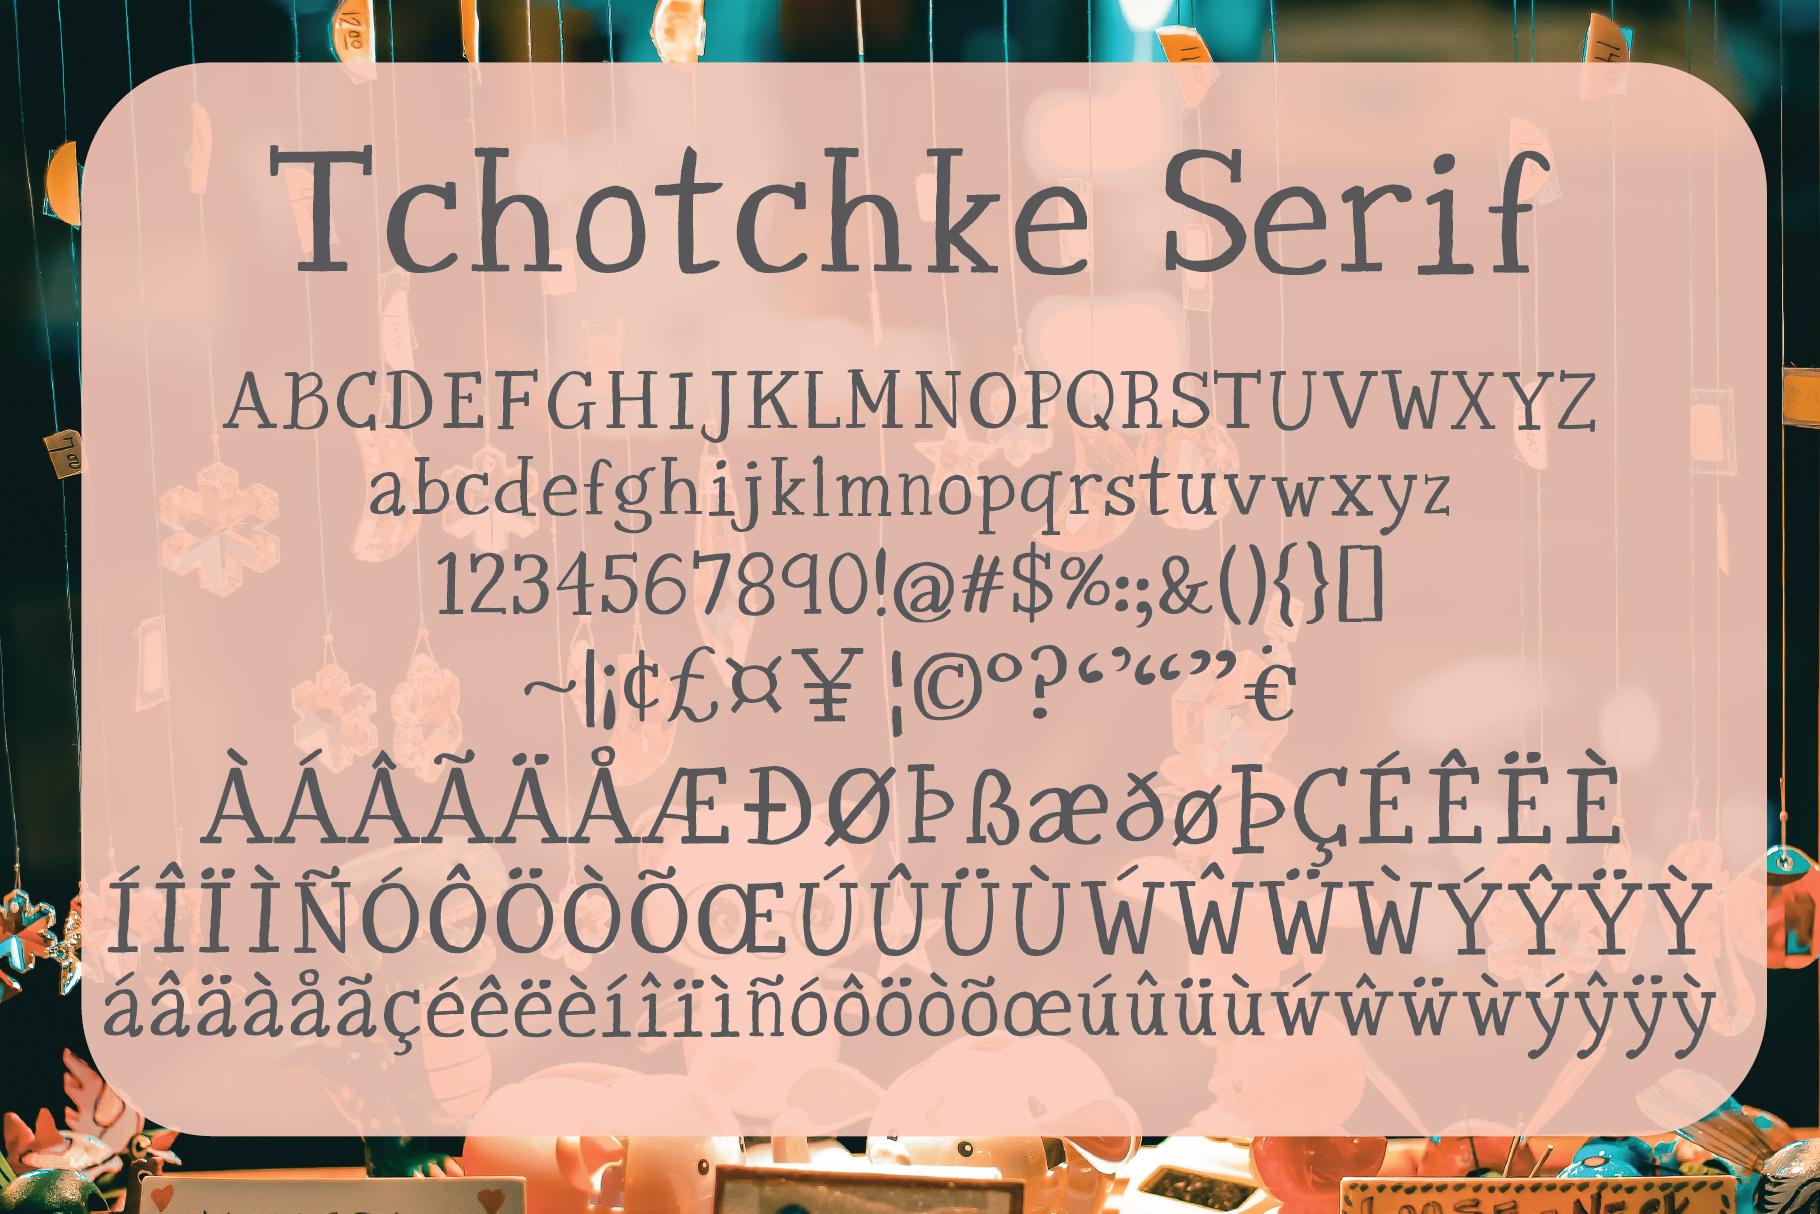 Tchotchke Serif example image 2